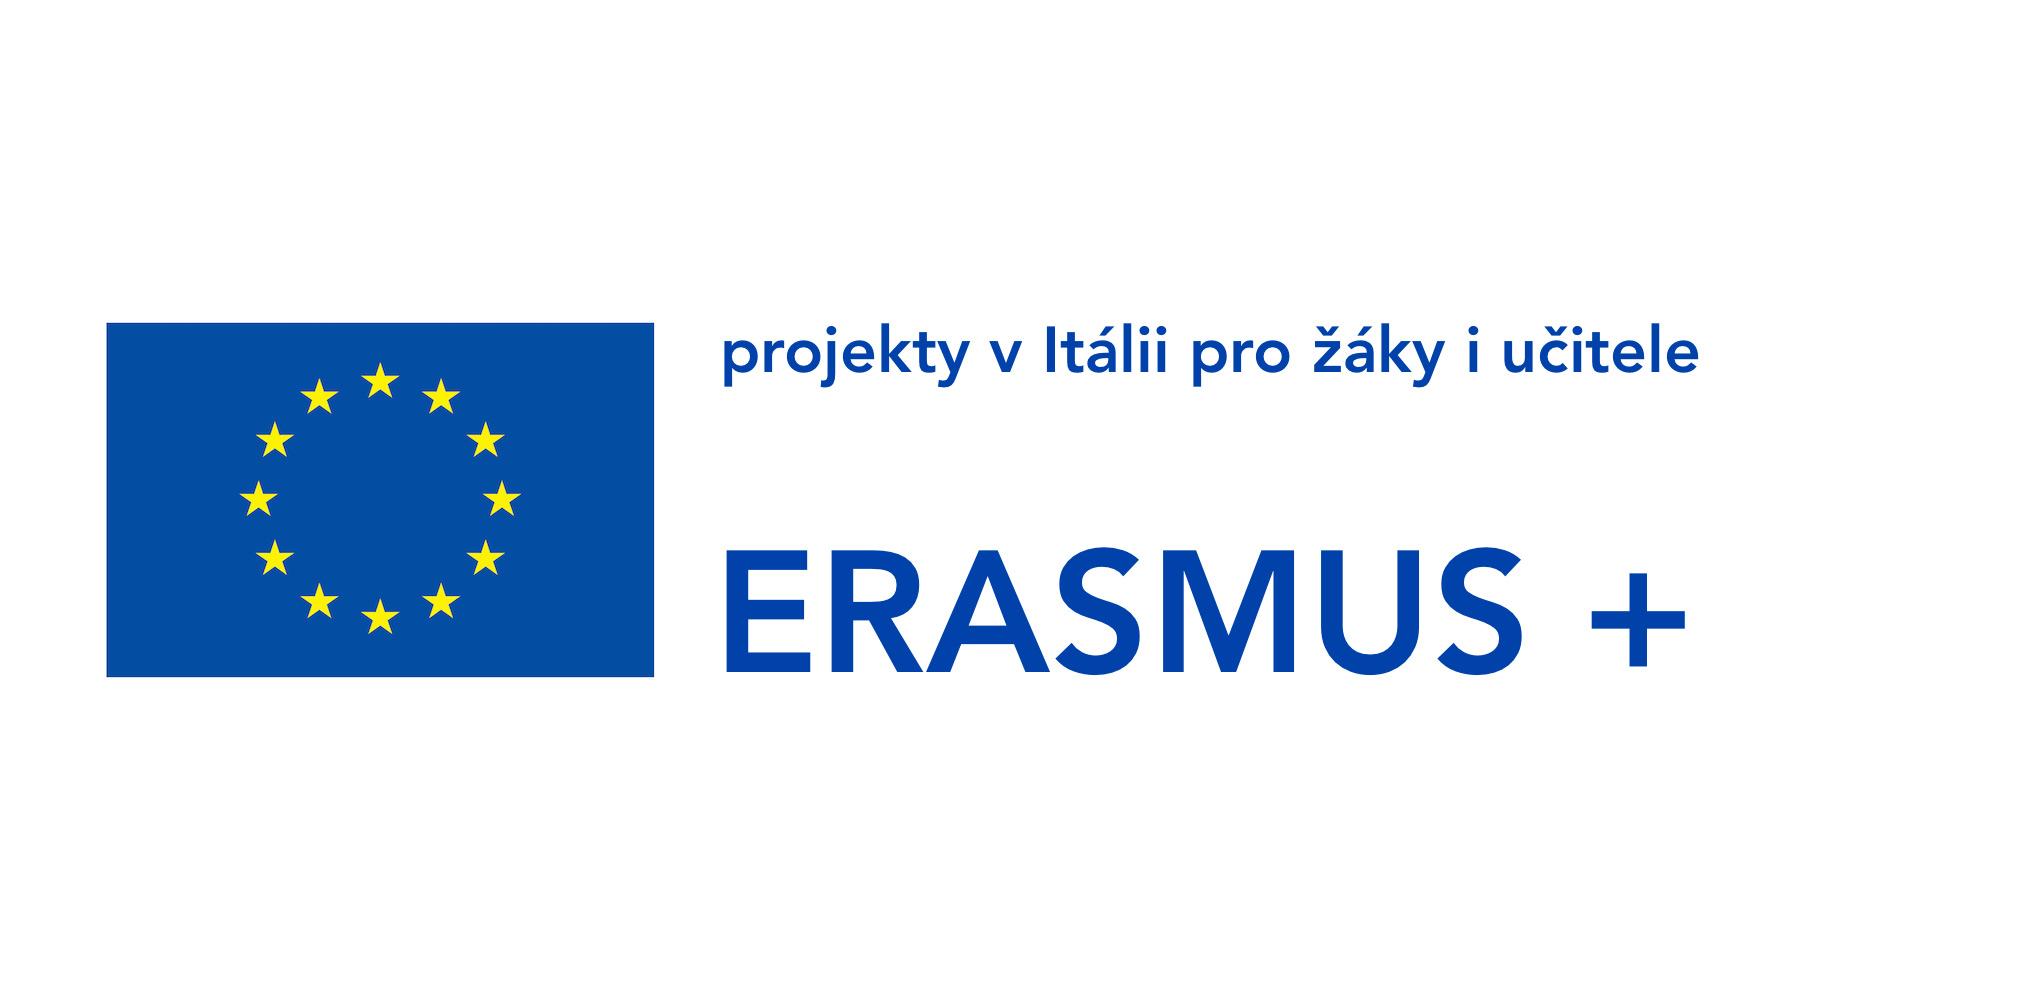 11-erasmus-plus-logo-2